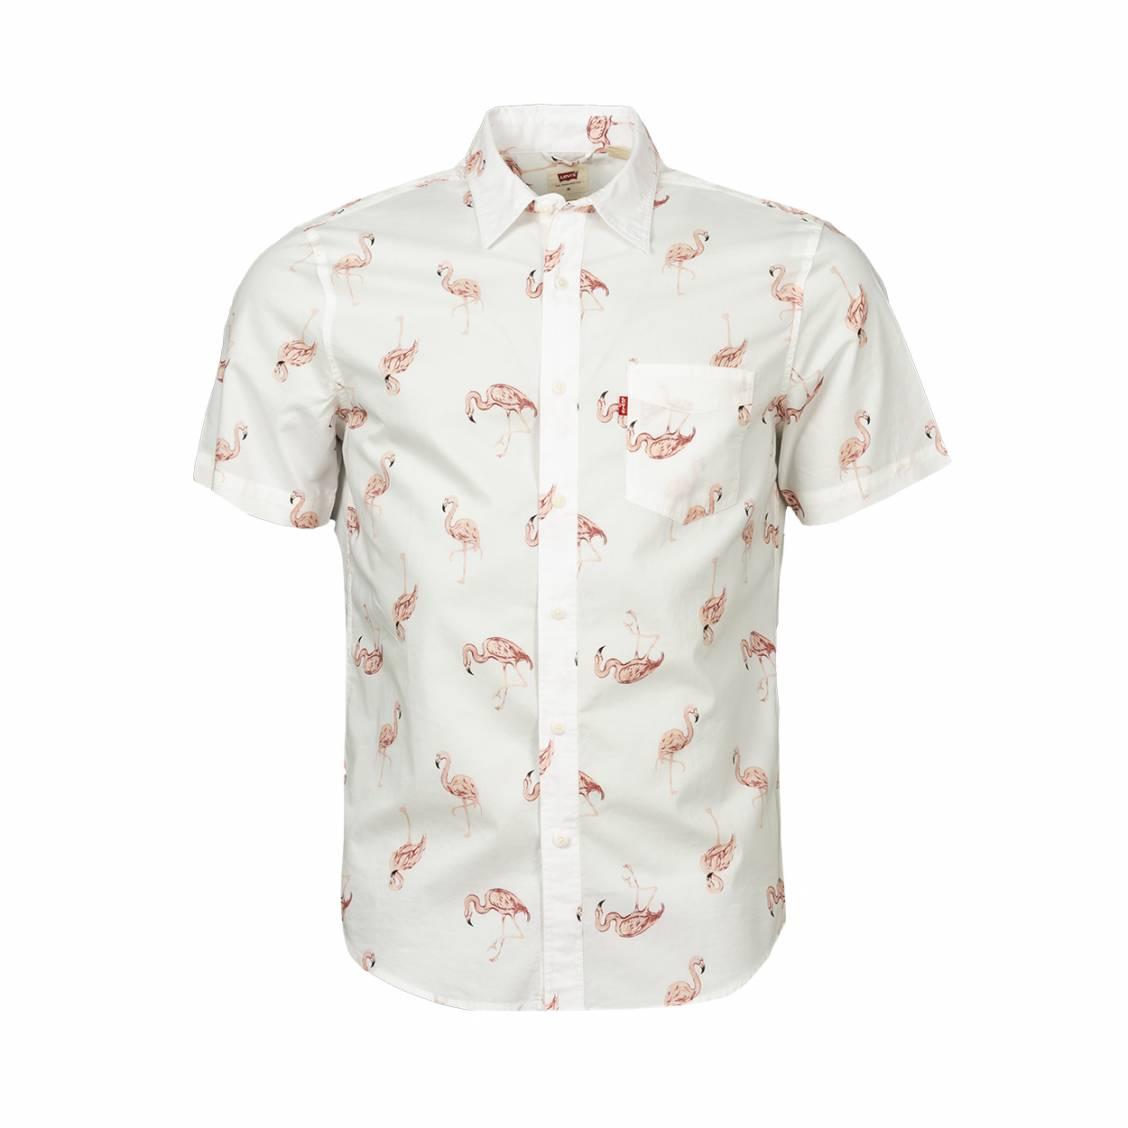 Chemise coupe ajustée manches courtes Levi's Sunset Flamingo en coton blanc à motifs flamants roses